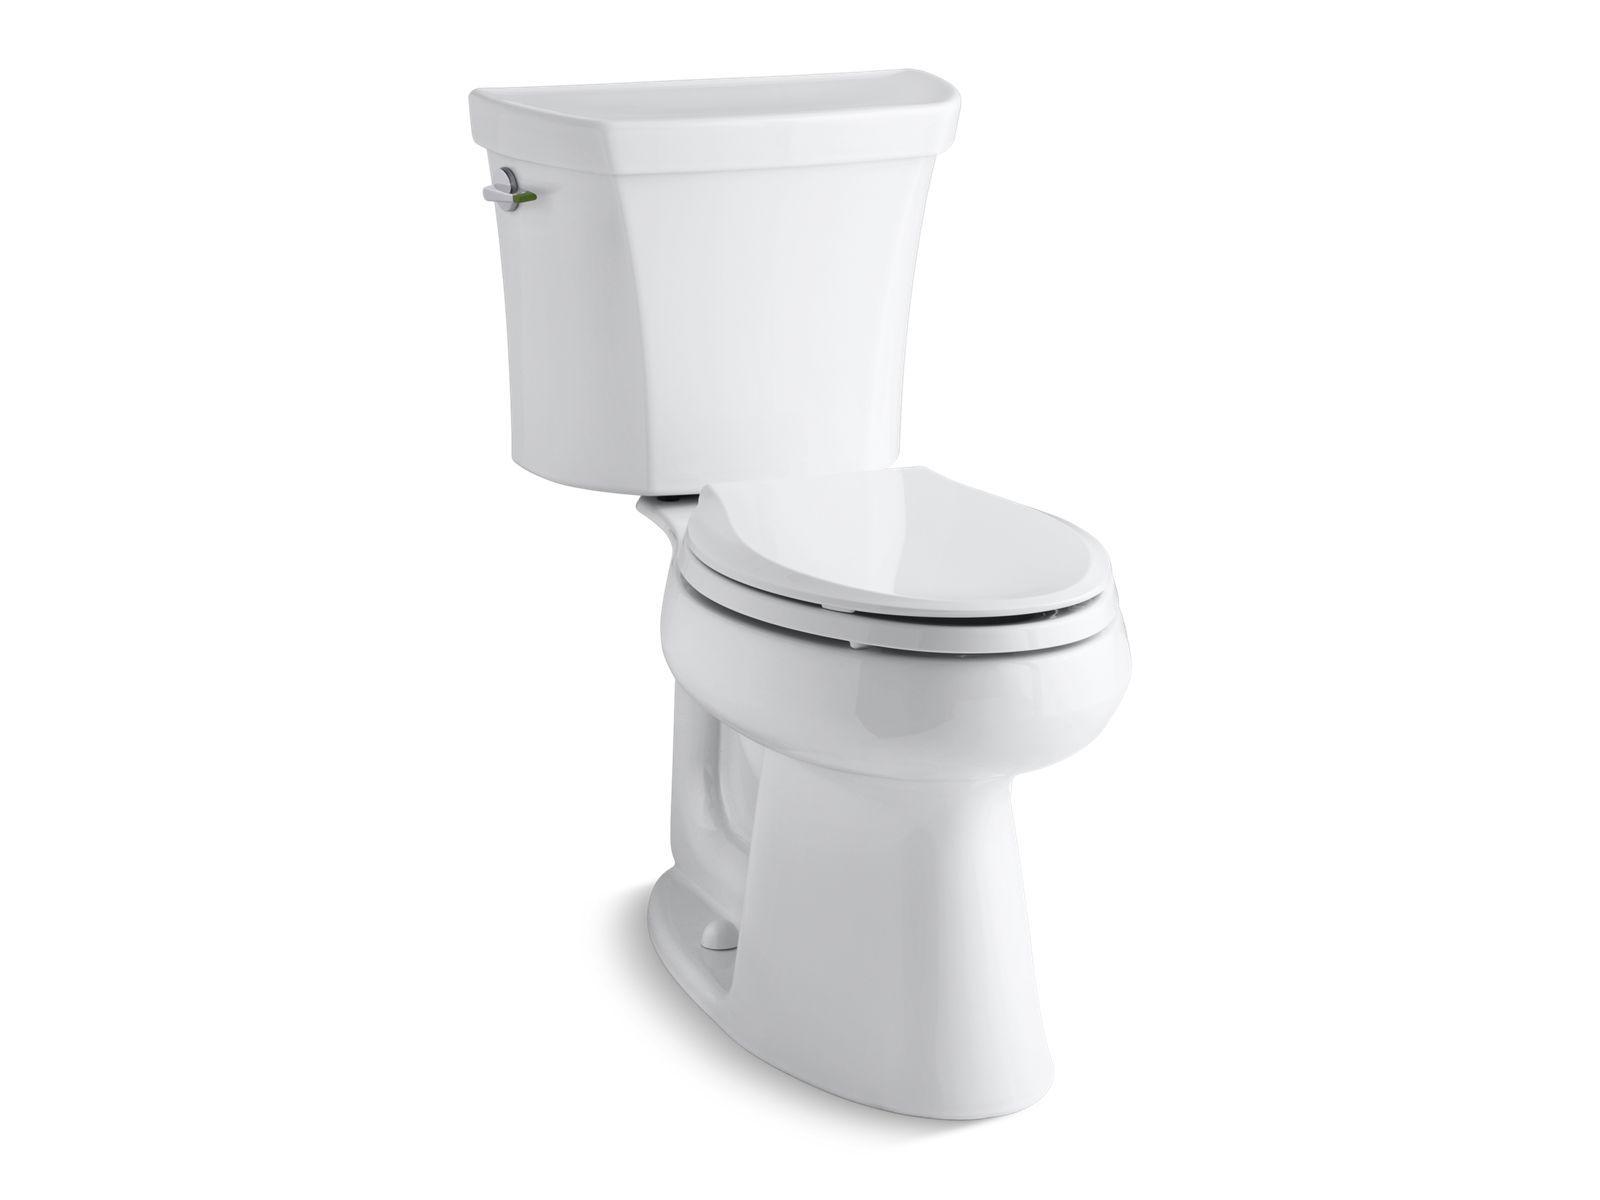 Highline Elongated Dual Flush Toilet K 6393 KOHLER